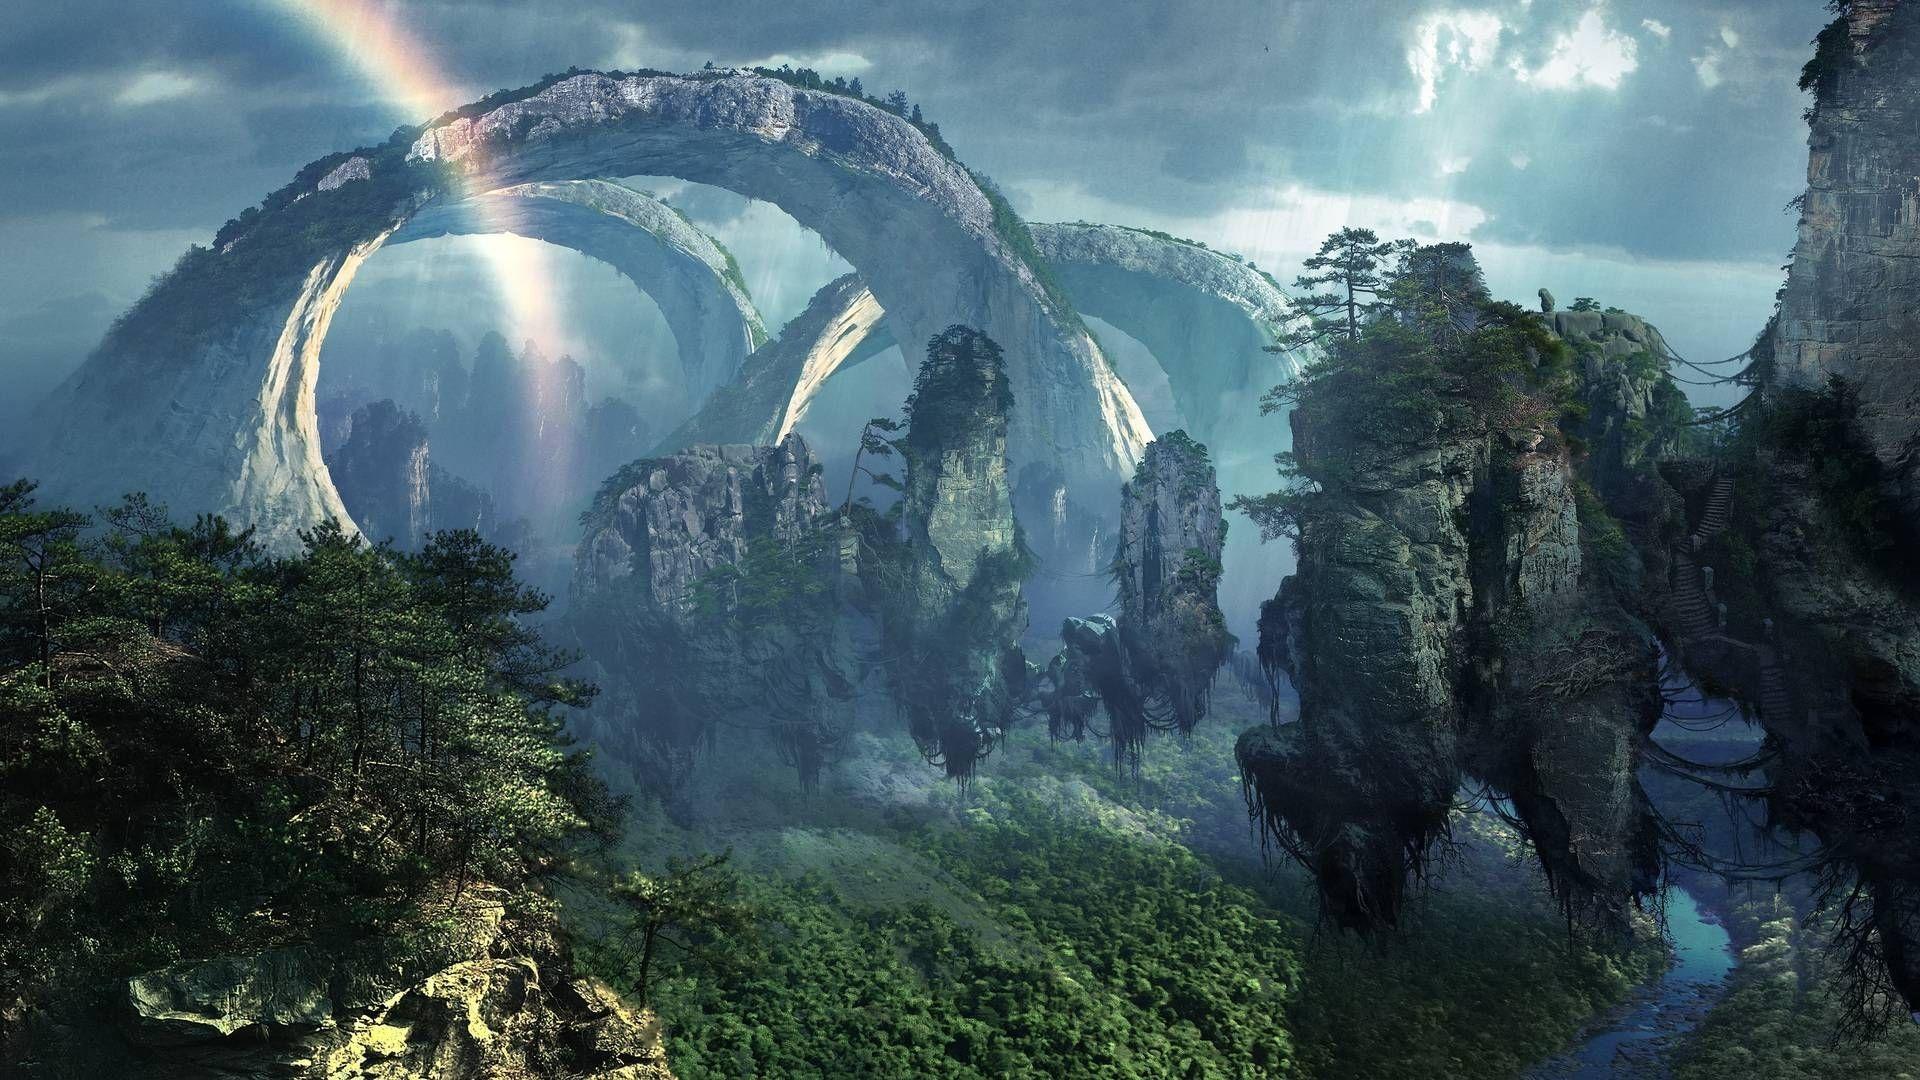 10 Most Popular Epic Fantasy Desktop Backgrounds Full Hd 1080p For Pc Desktop Fantasy Landscape Fantasy Art Landscapes Dream Landscape